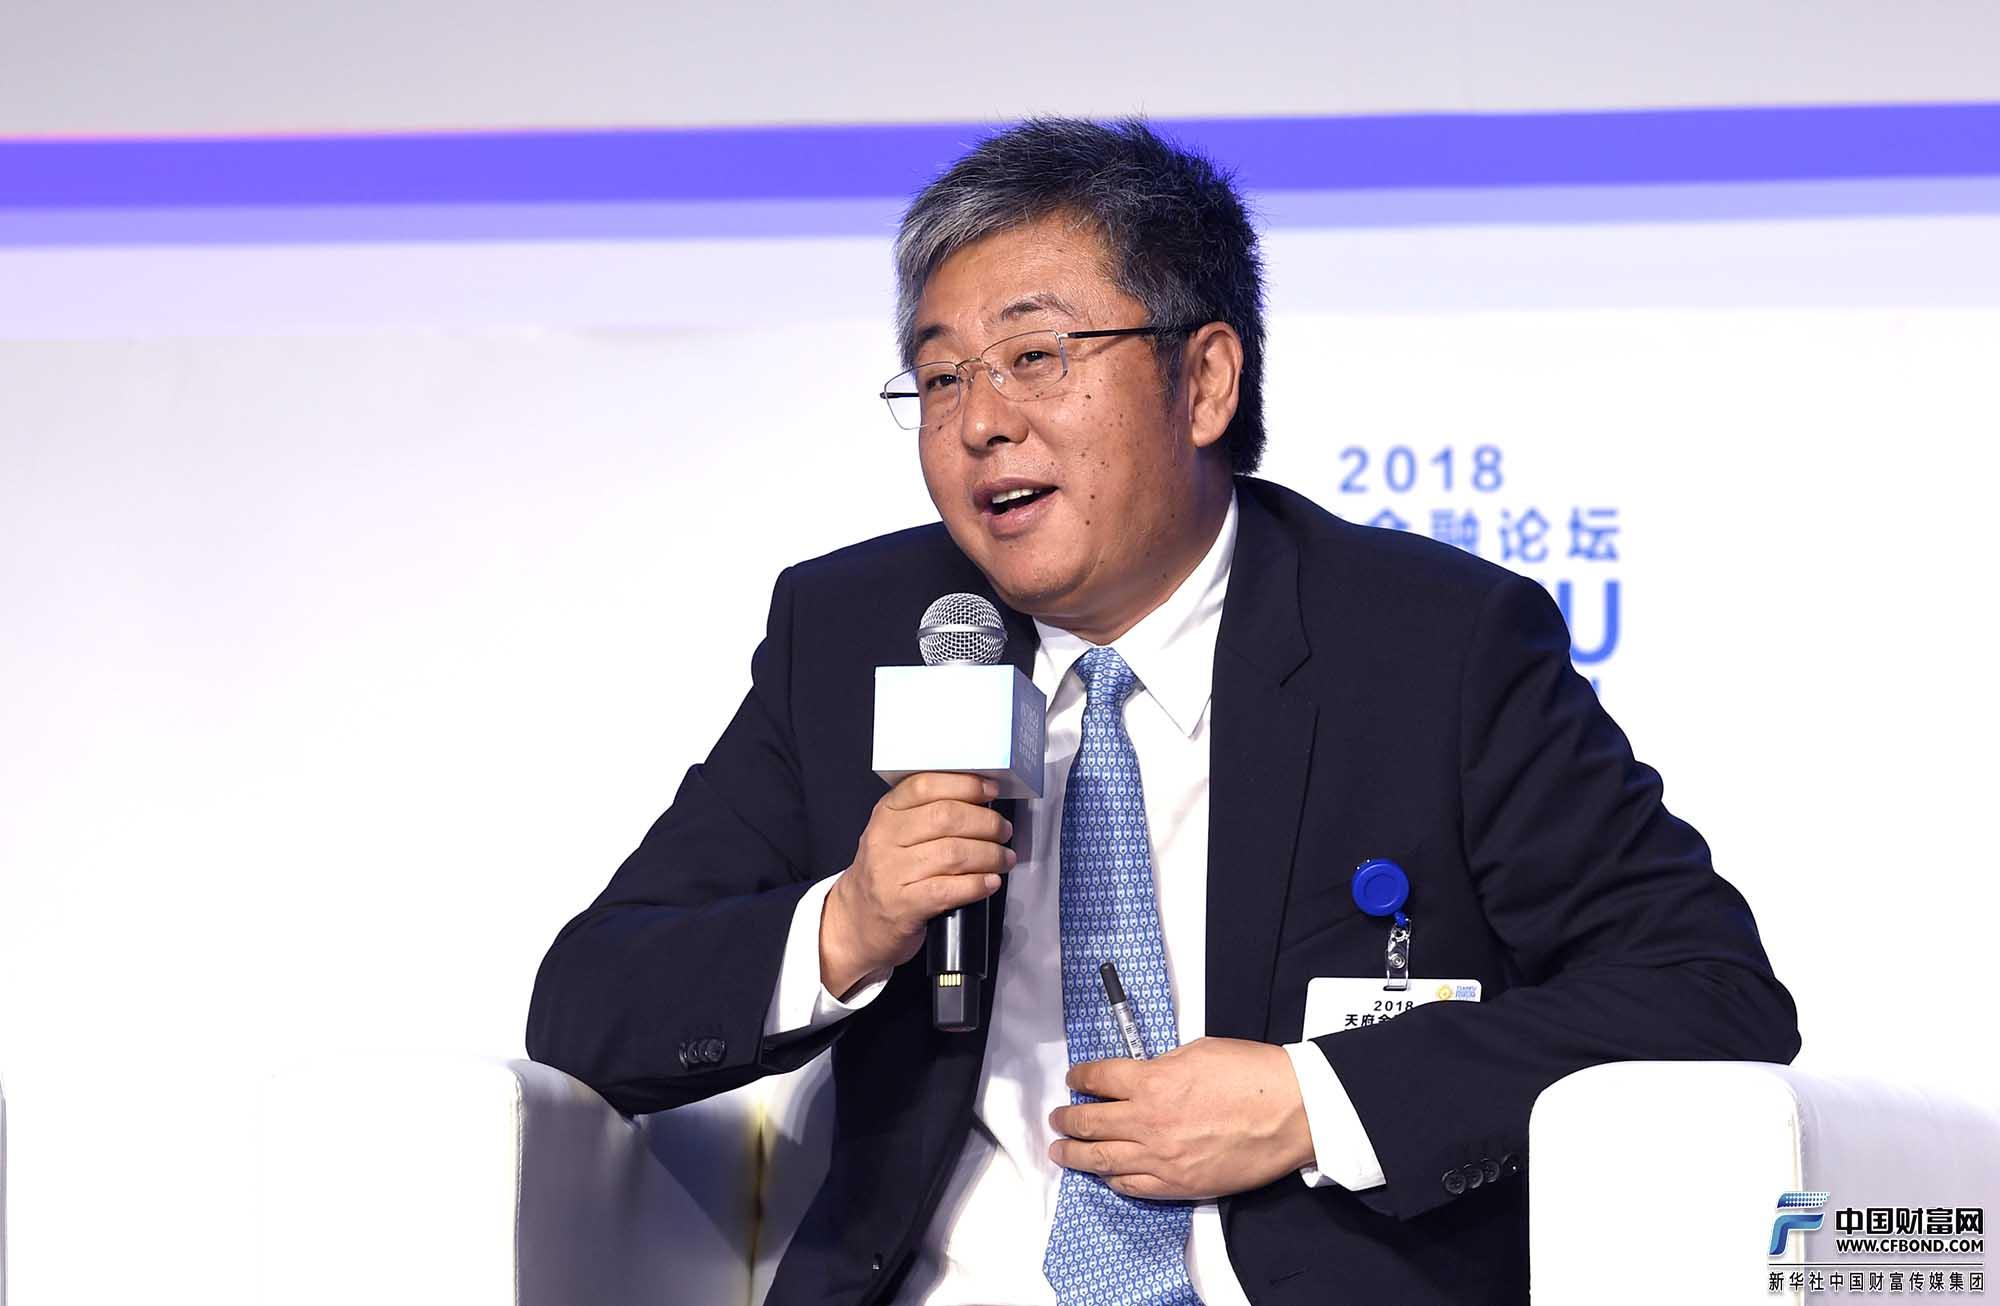 中国建设银行营运业务总监牟乃密